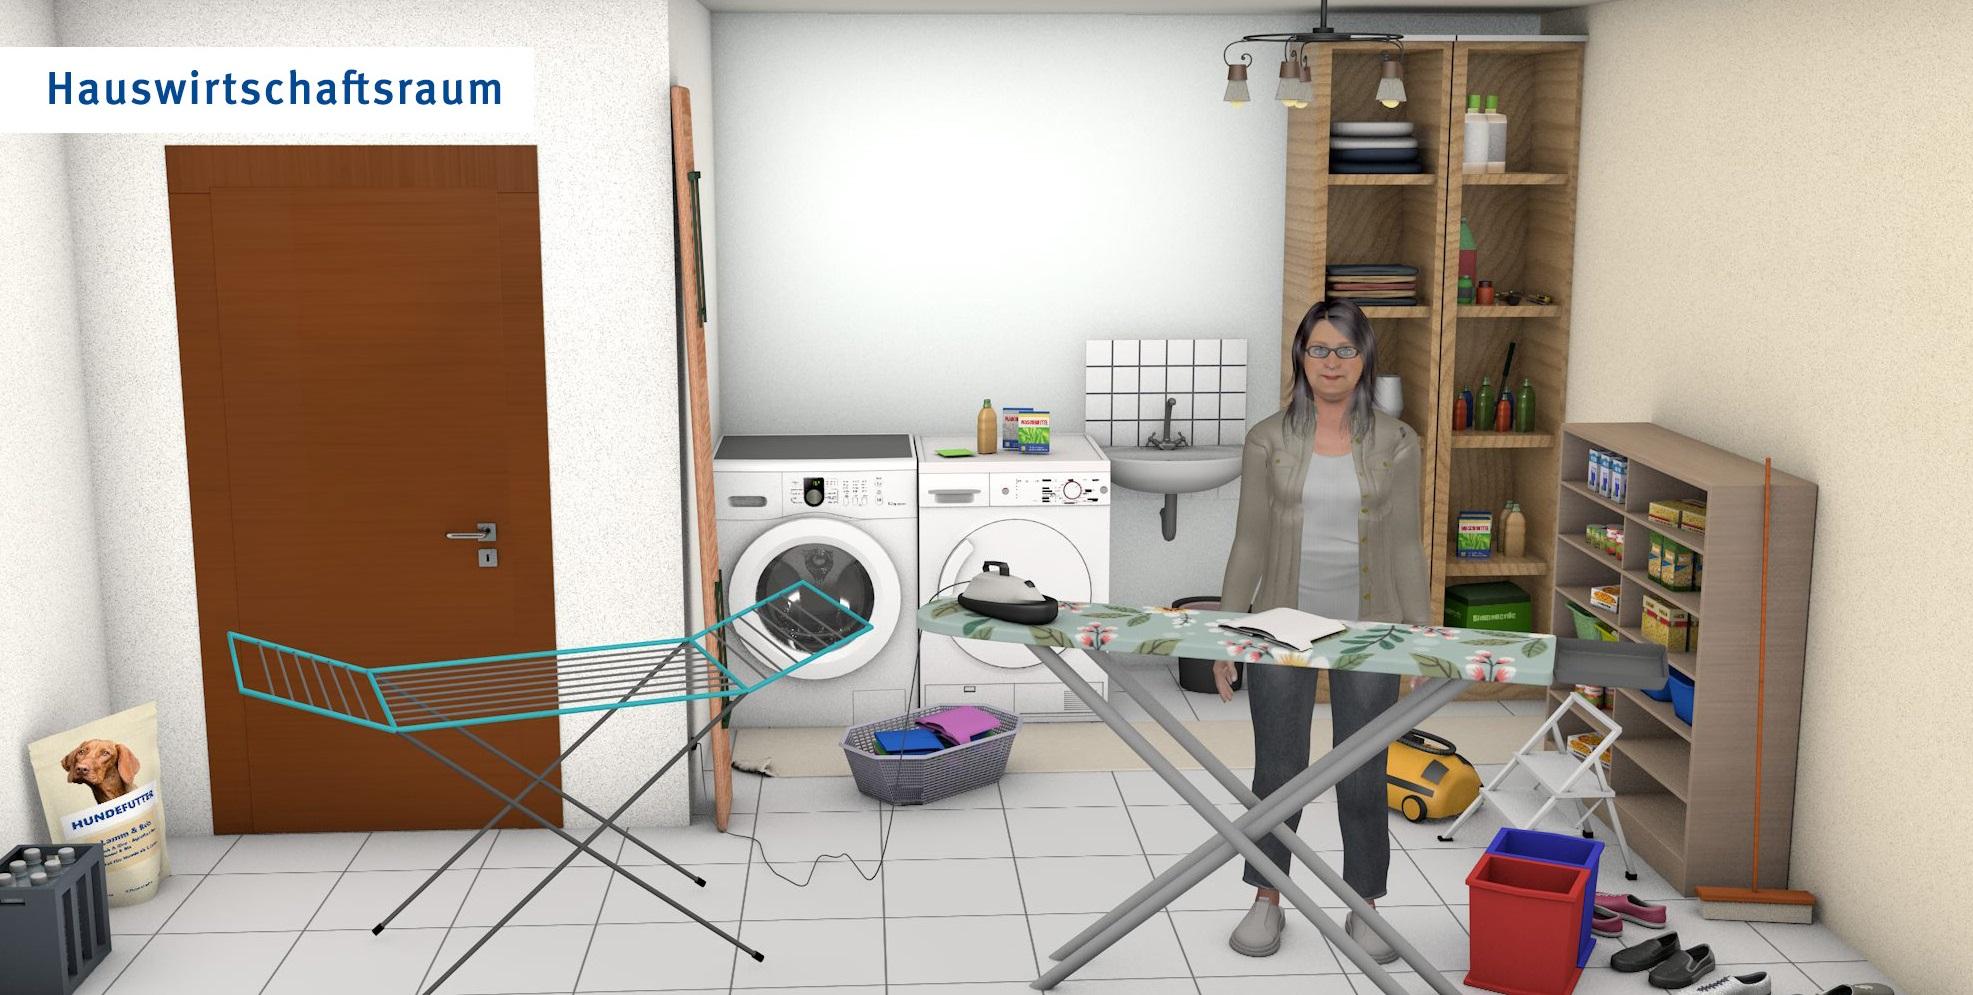 Hauswirtschaftsraum - übliche Version